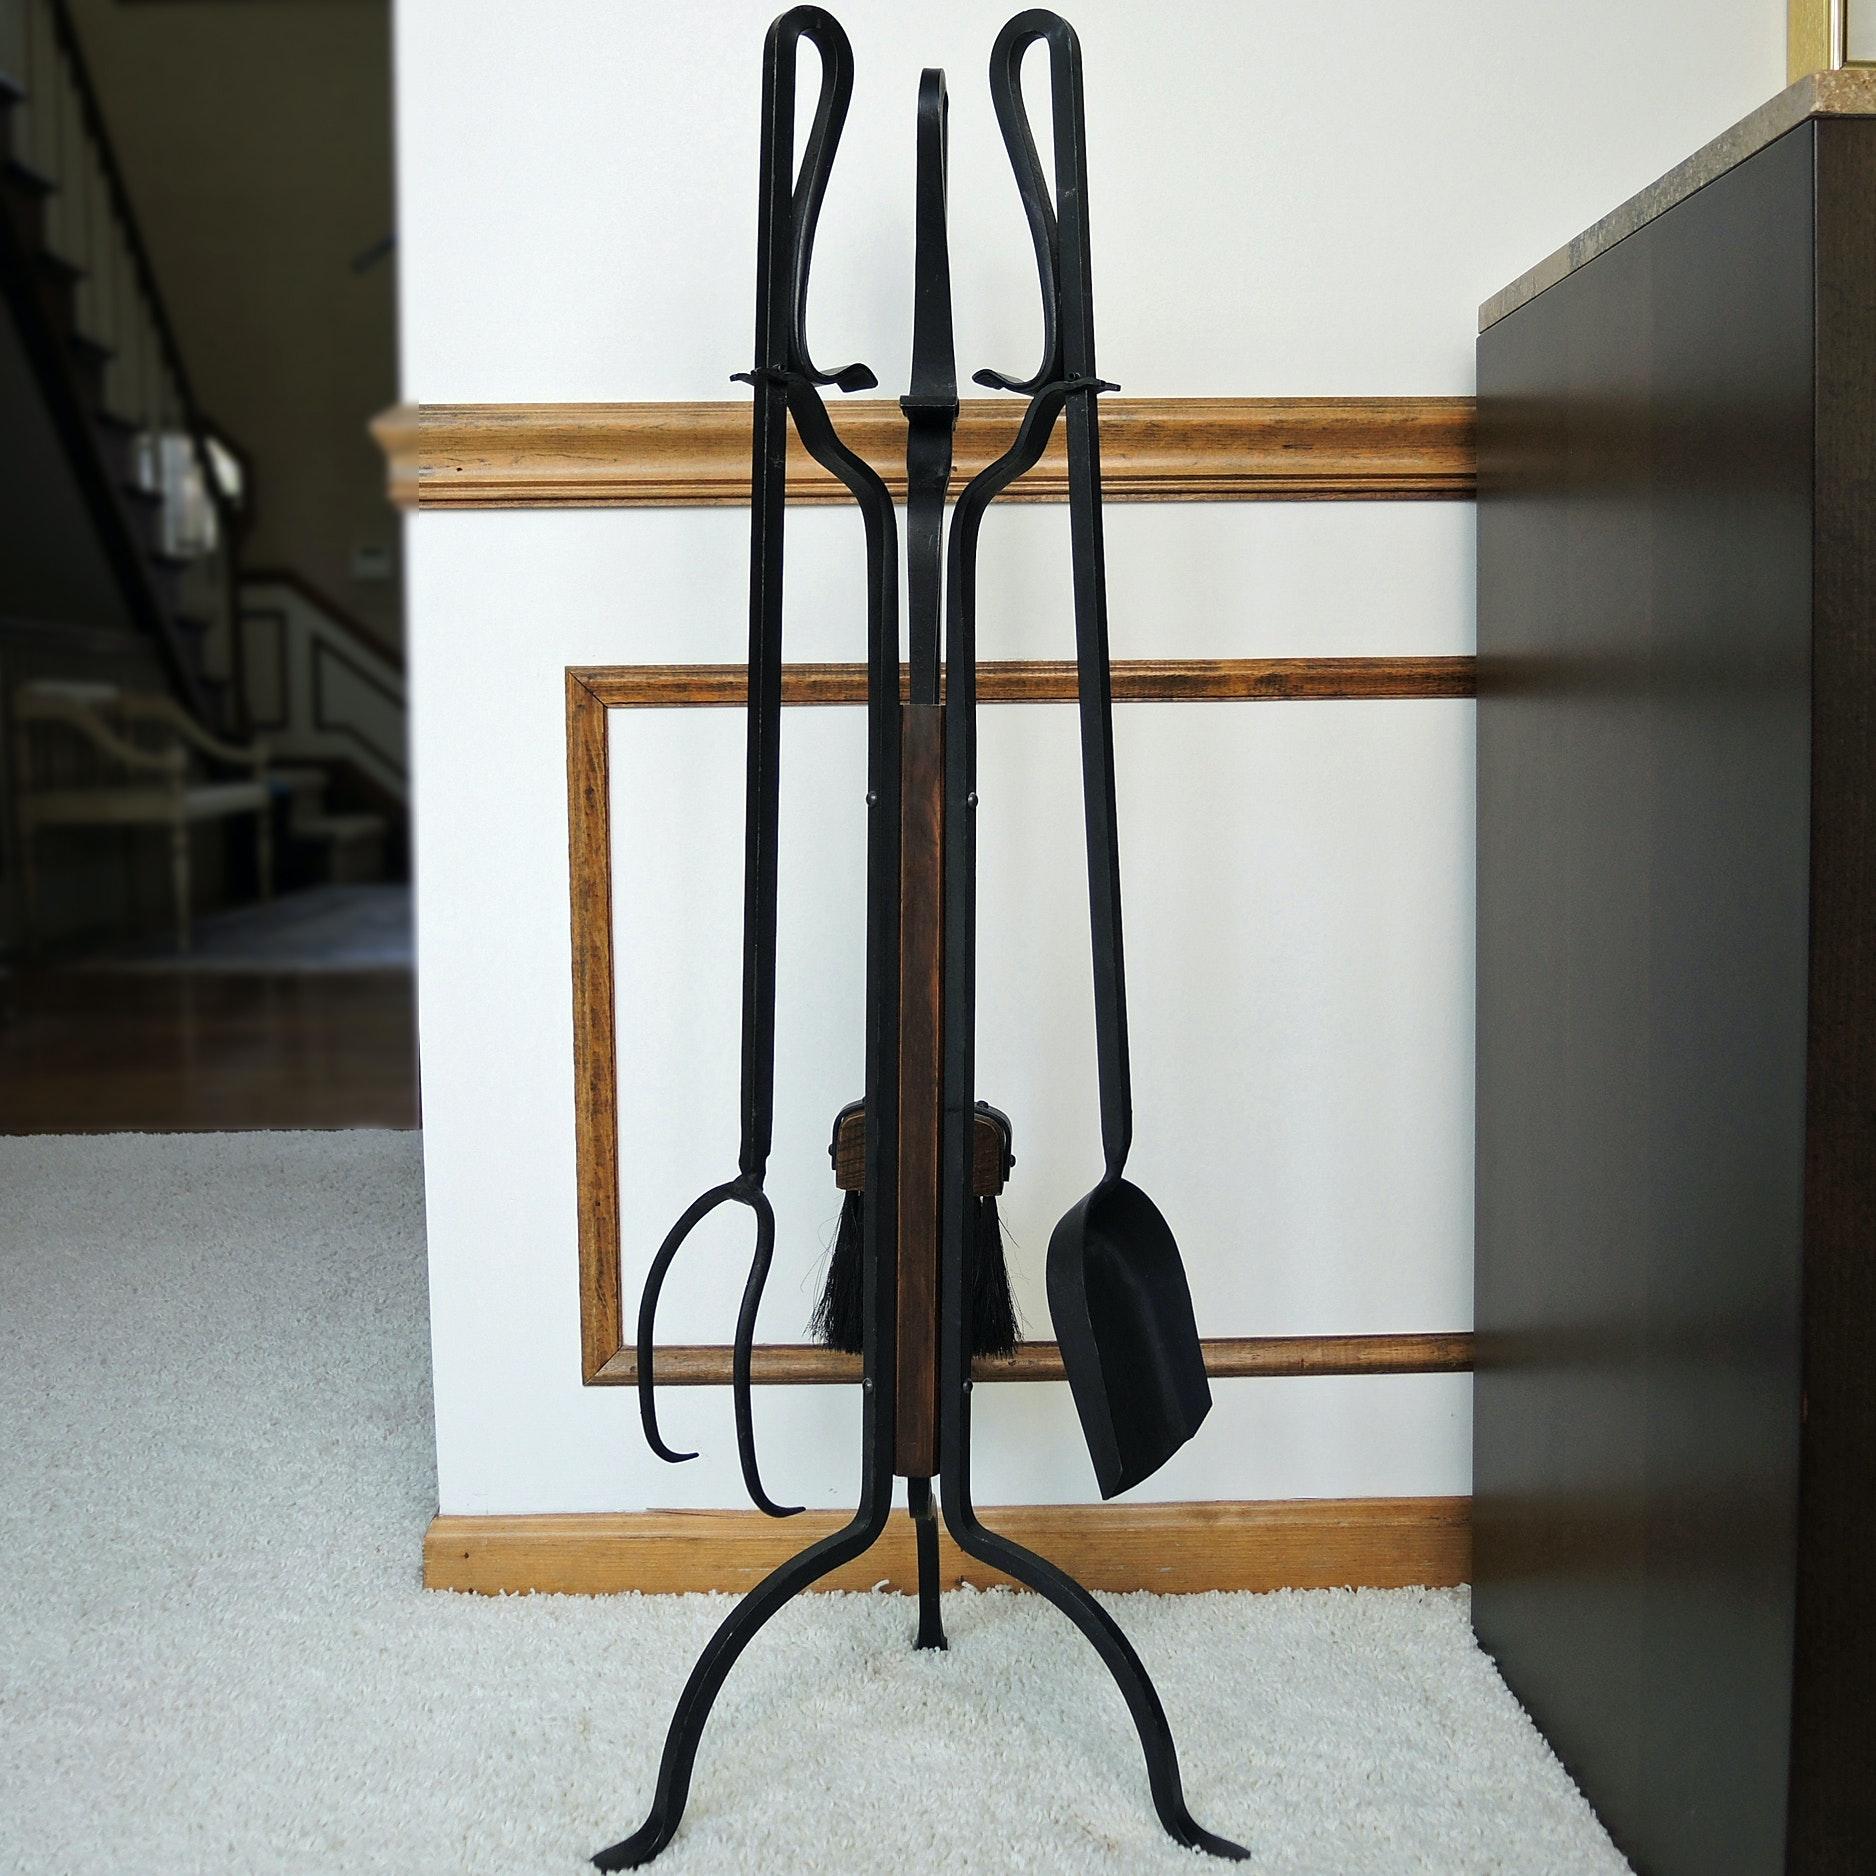 Vintage Fireplace Tools